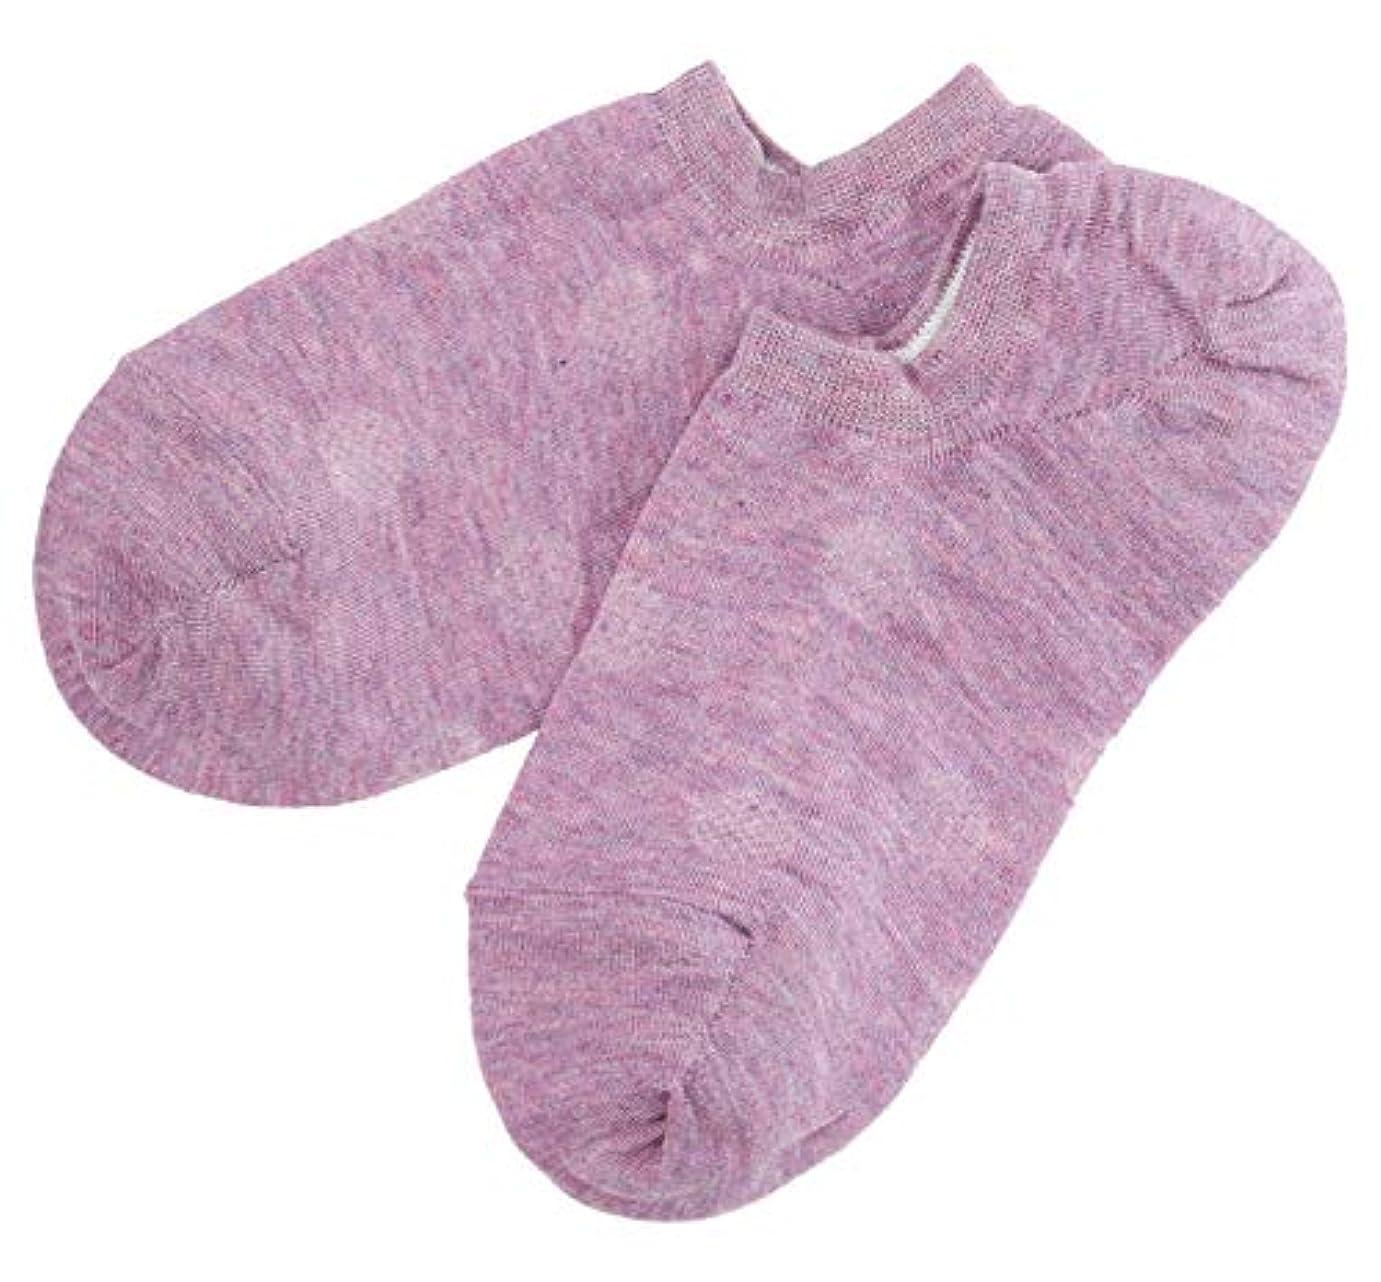 タイヤセンサー深く温むすび かかとケア靴下 【足うら美人カバーソックスタイプ 女性用 22~24cm パープル】 ひび割れ ケア 夏用